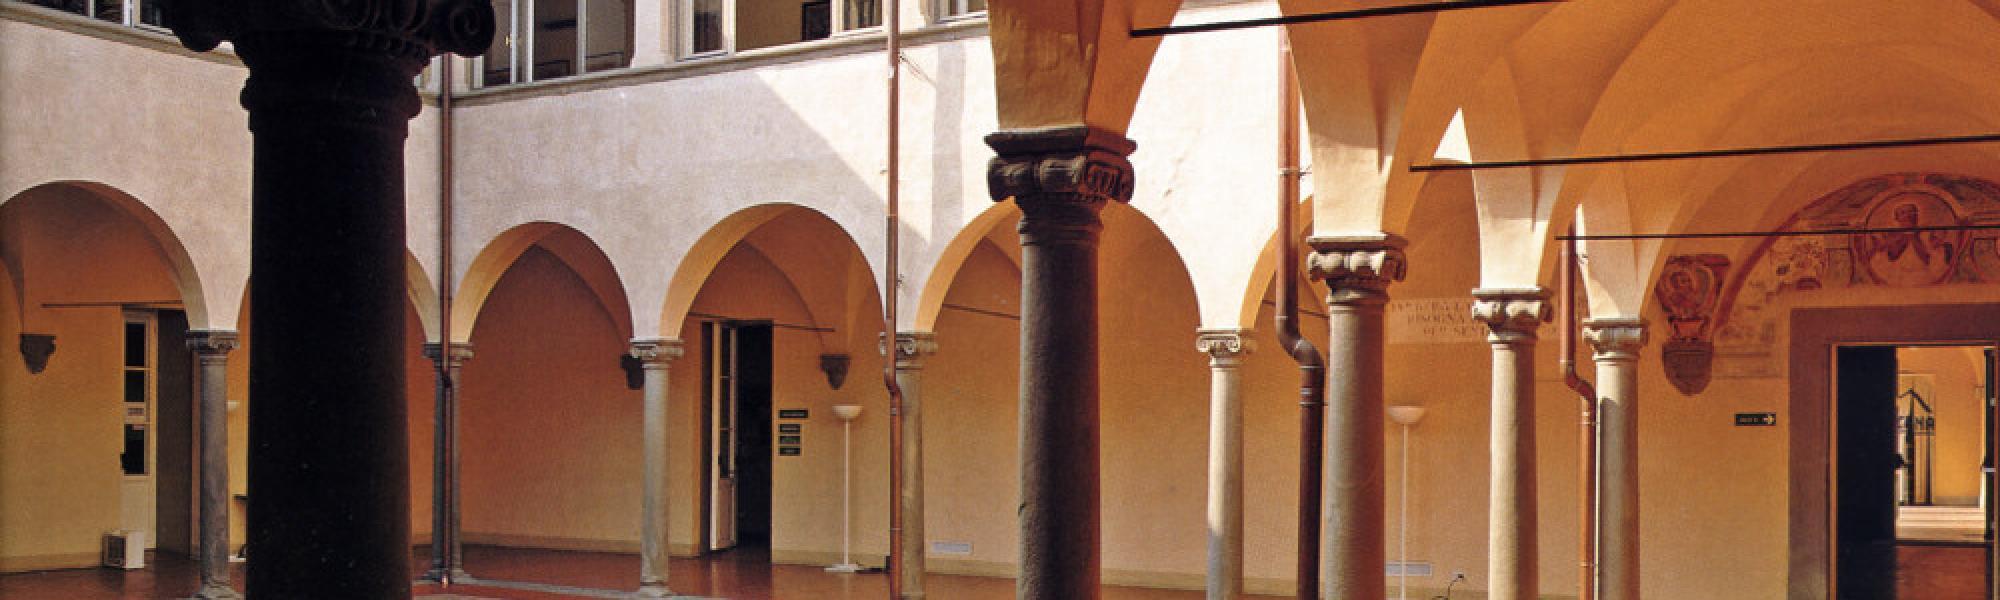 Chiostro gesuati  - Palazzo della Scuola Sant'Anna (D. Tarantino)